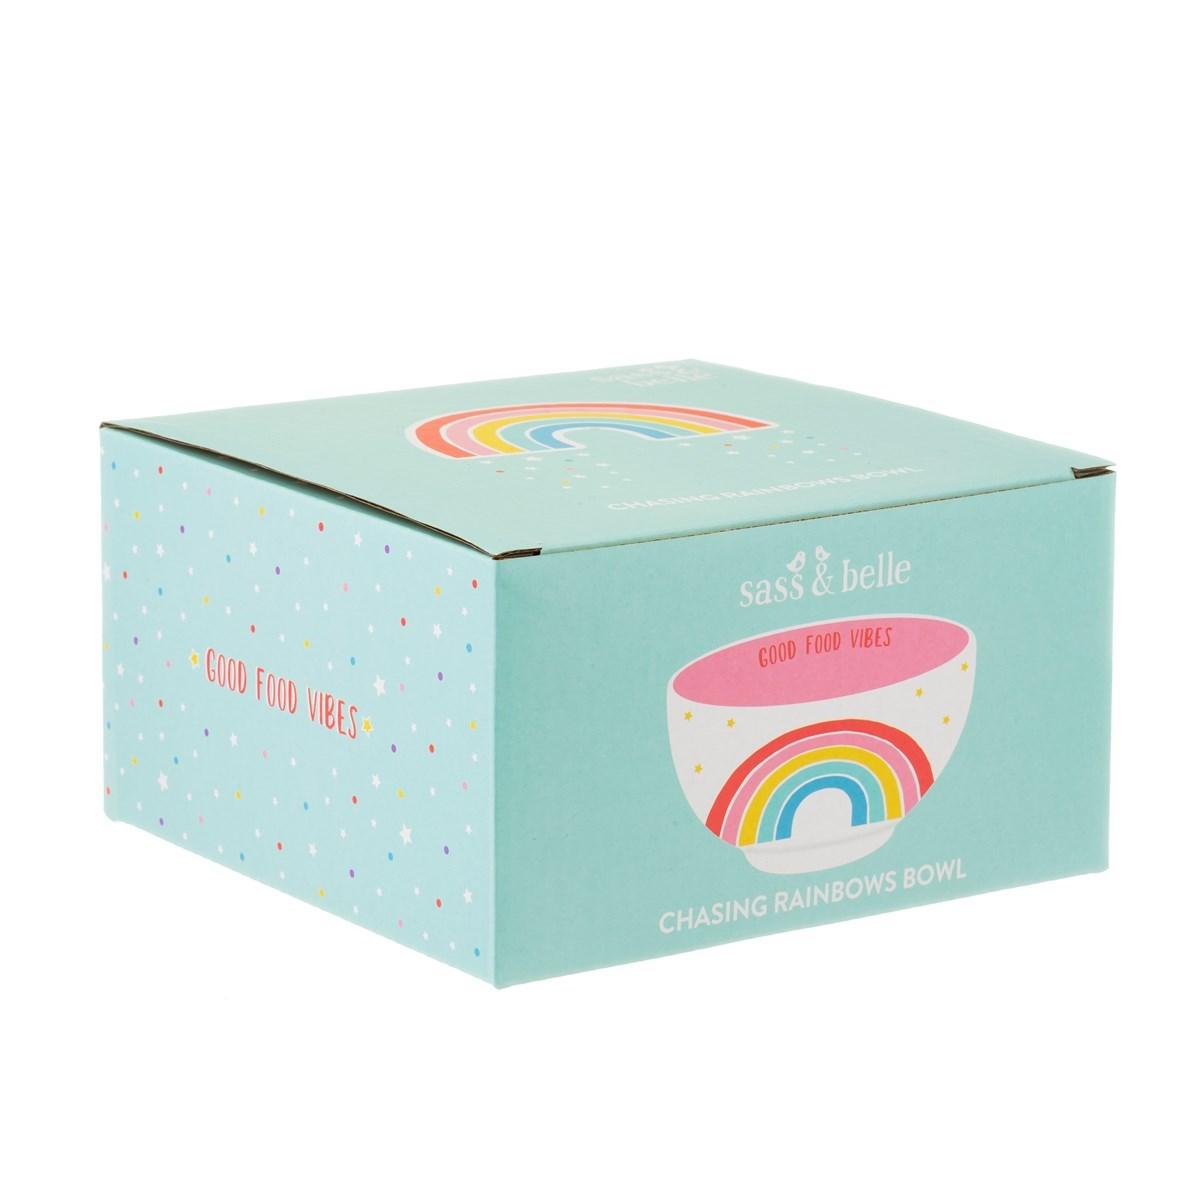 Miska Chasing Rainbows Good Food Vibes_2